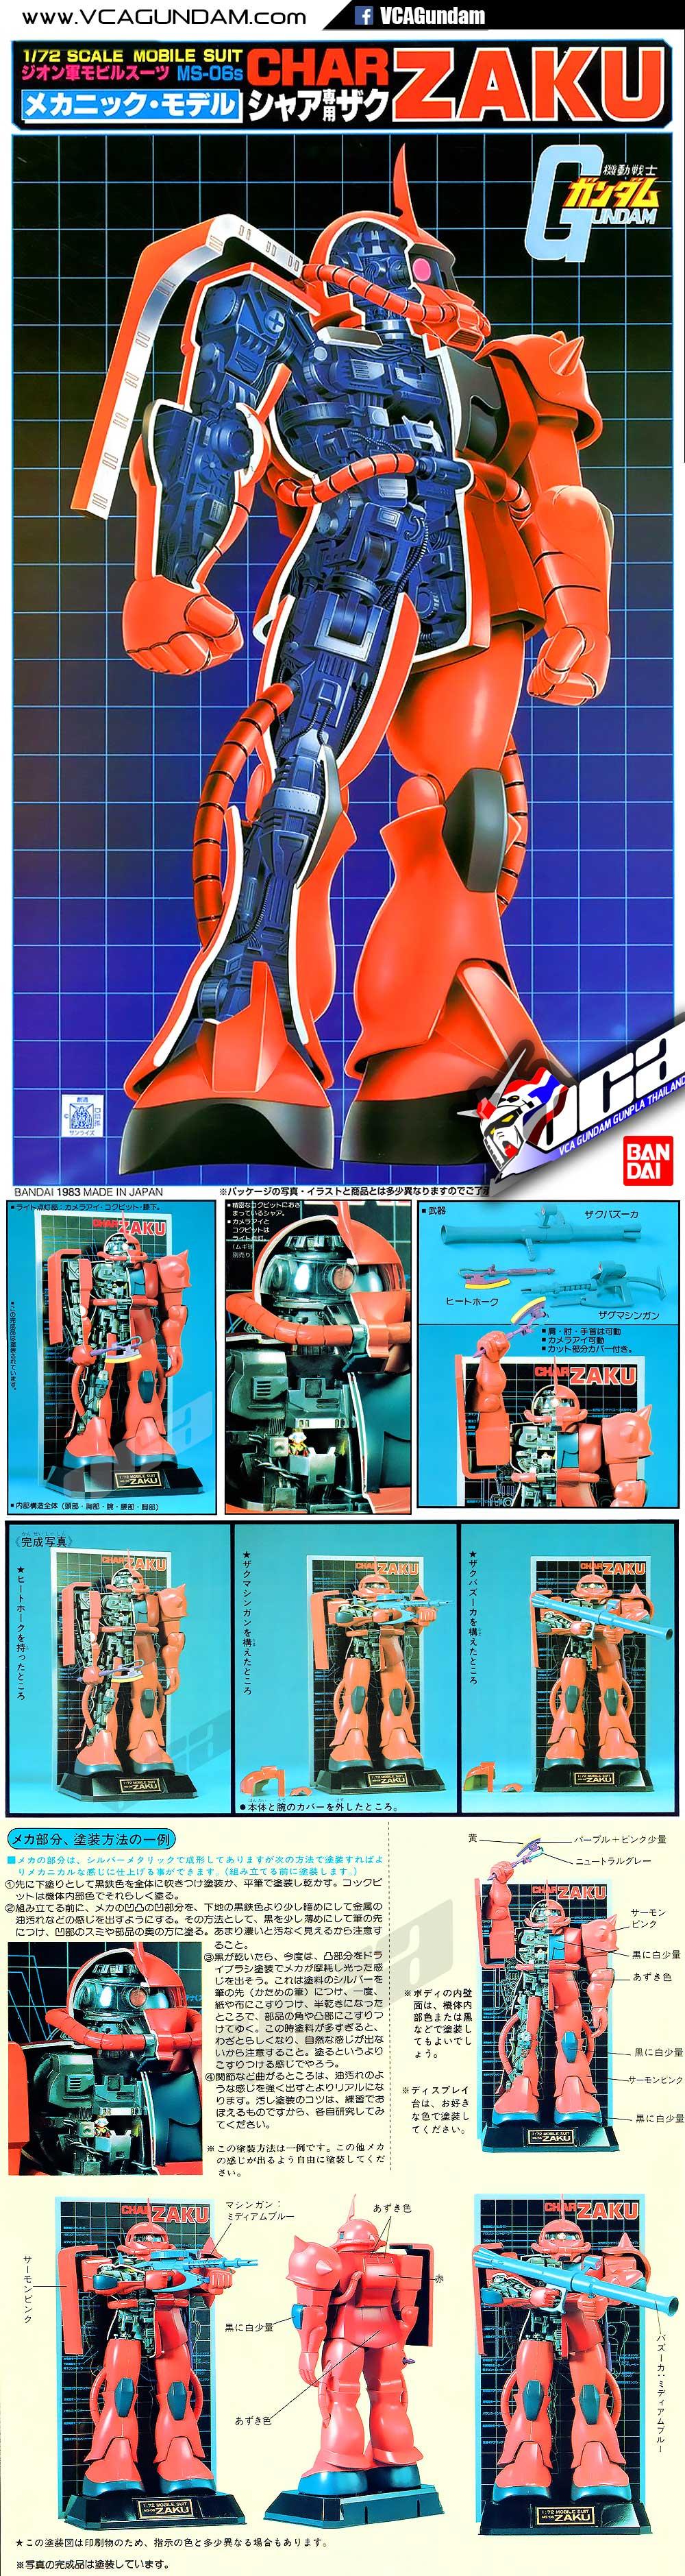 CLASSIC 1/72 MS-06S ZAKU II (MECHANICS MODEL) ซาคุ 2